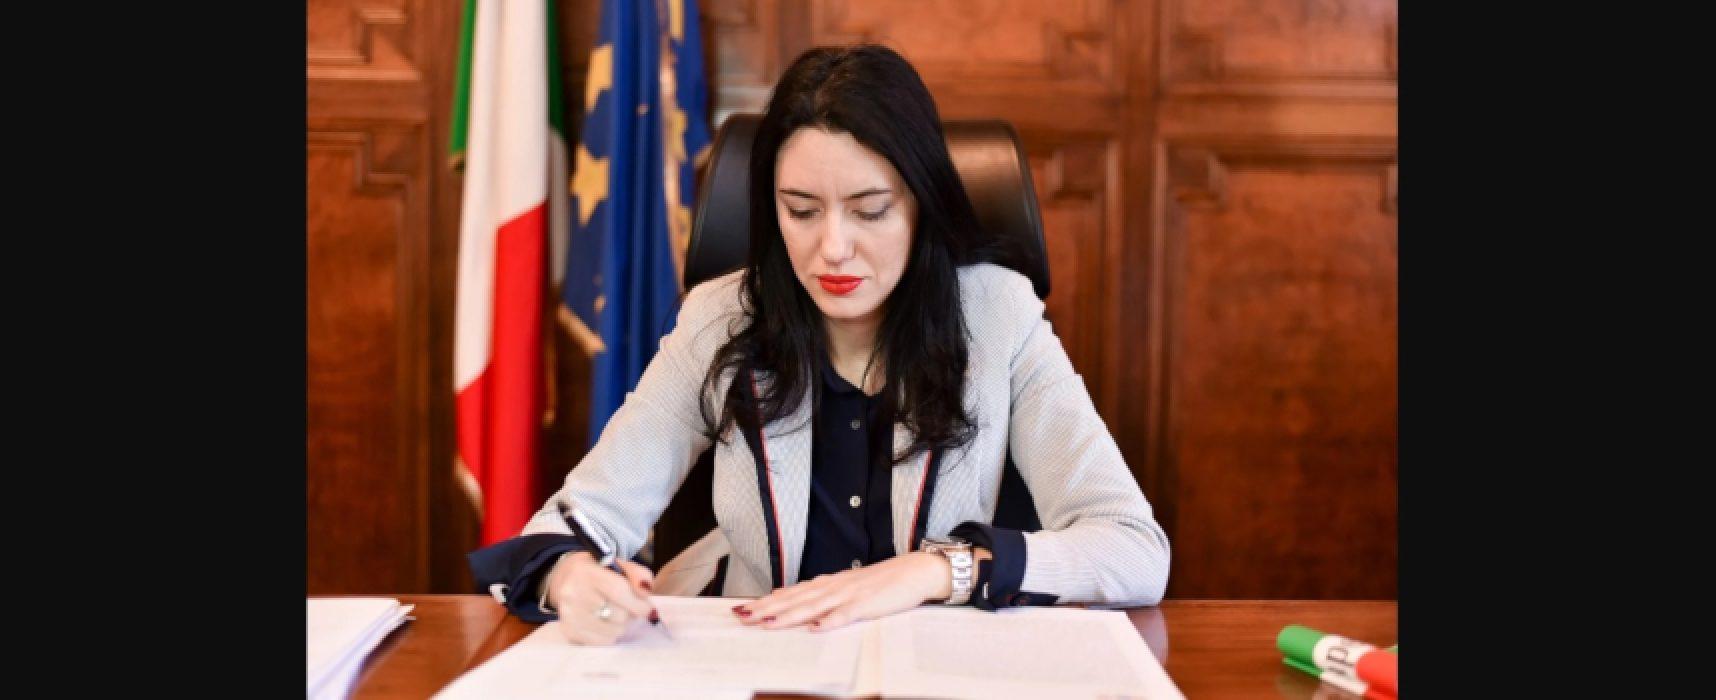 Scuola, Ministra Azzolina fa luce su modalità esami di Stato e festività pasquali / DETTAGLI